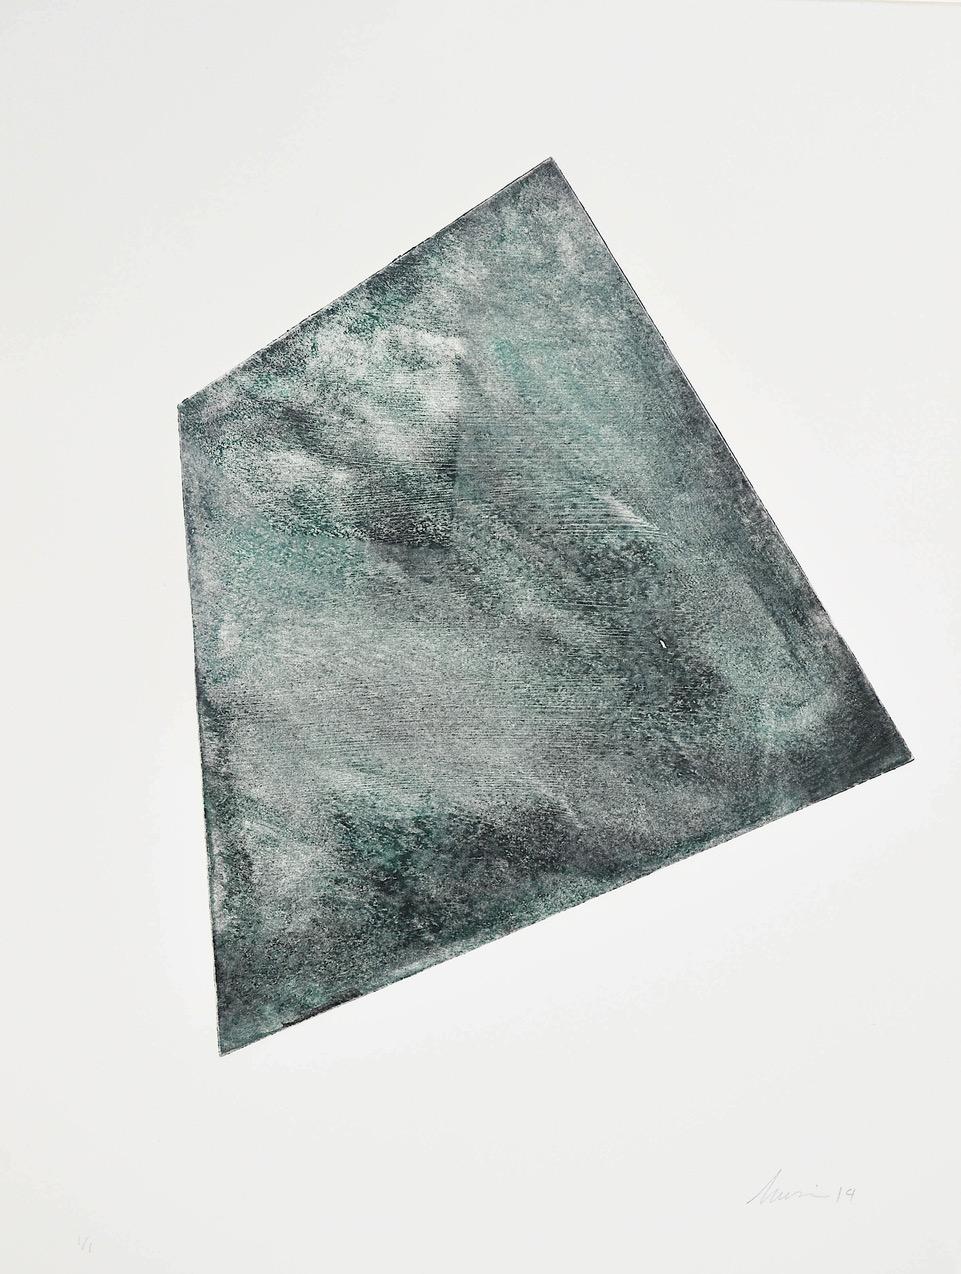 Luisa Duarte, Hidden note, 2015. Monotype, 15 x 11 x 0 in.